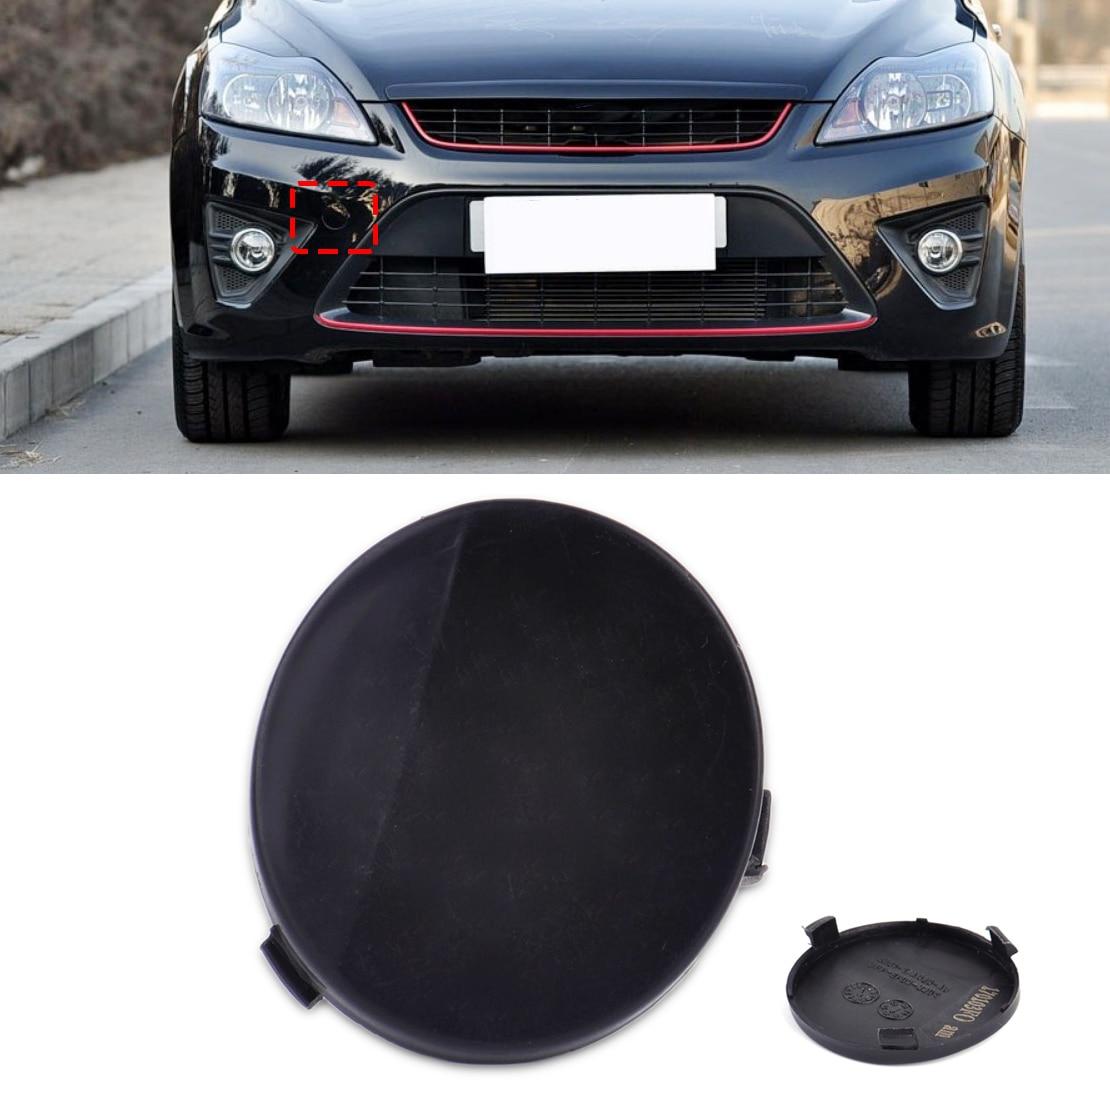 DWCX новый автомобиль черный пластиковый передний бампер Буксировочный Крюк Крышка 8M51-17A989-AB 8M5117A989AB для Ford Focus II 4 двери 2009 2010 2011